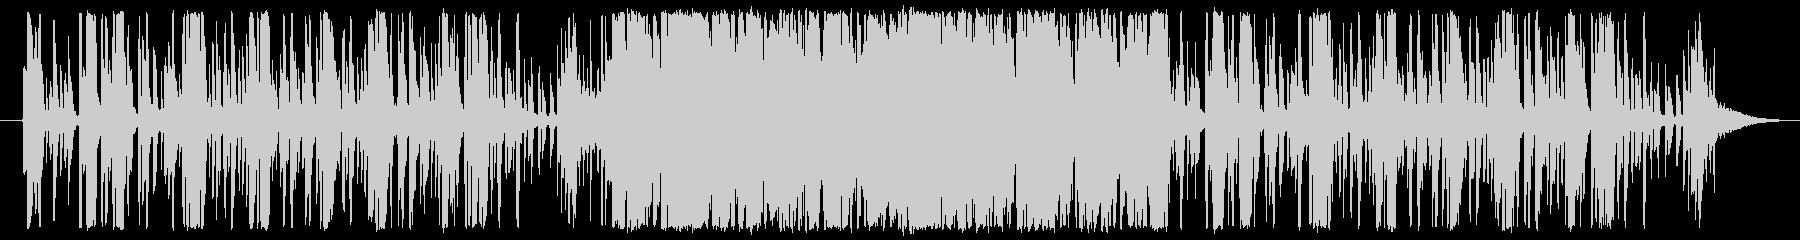 エレクトロピアノが印象的なジャズの未再生の波形